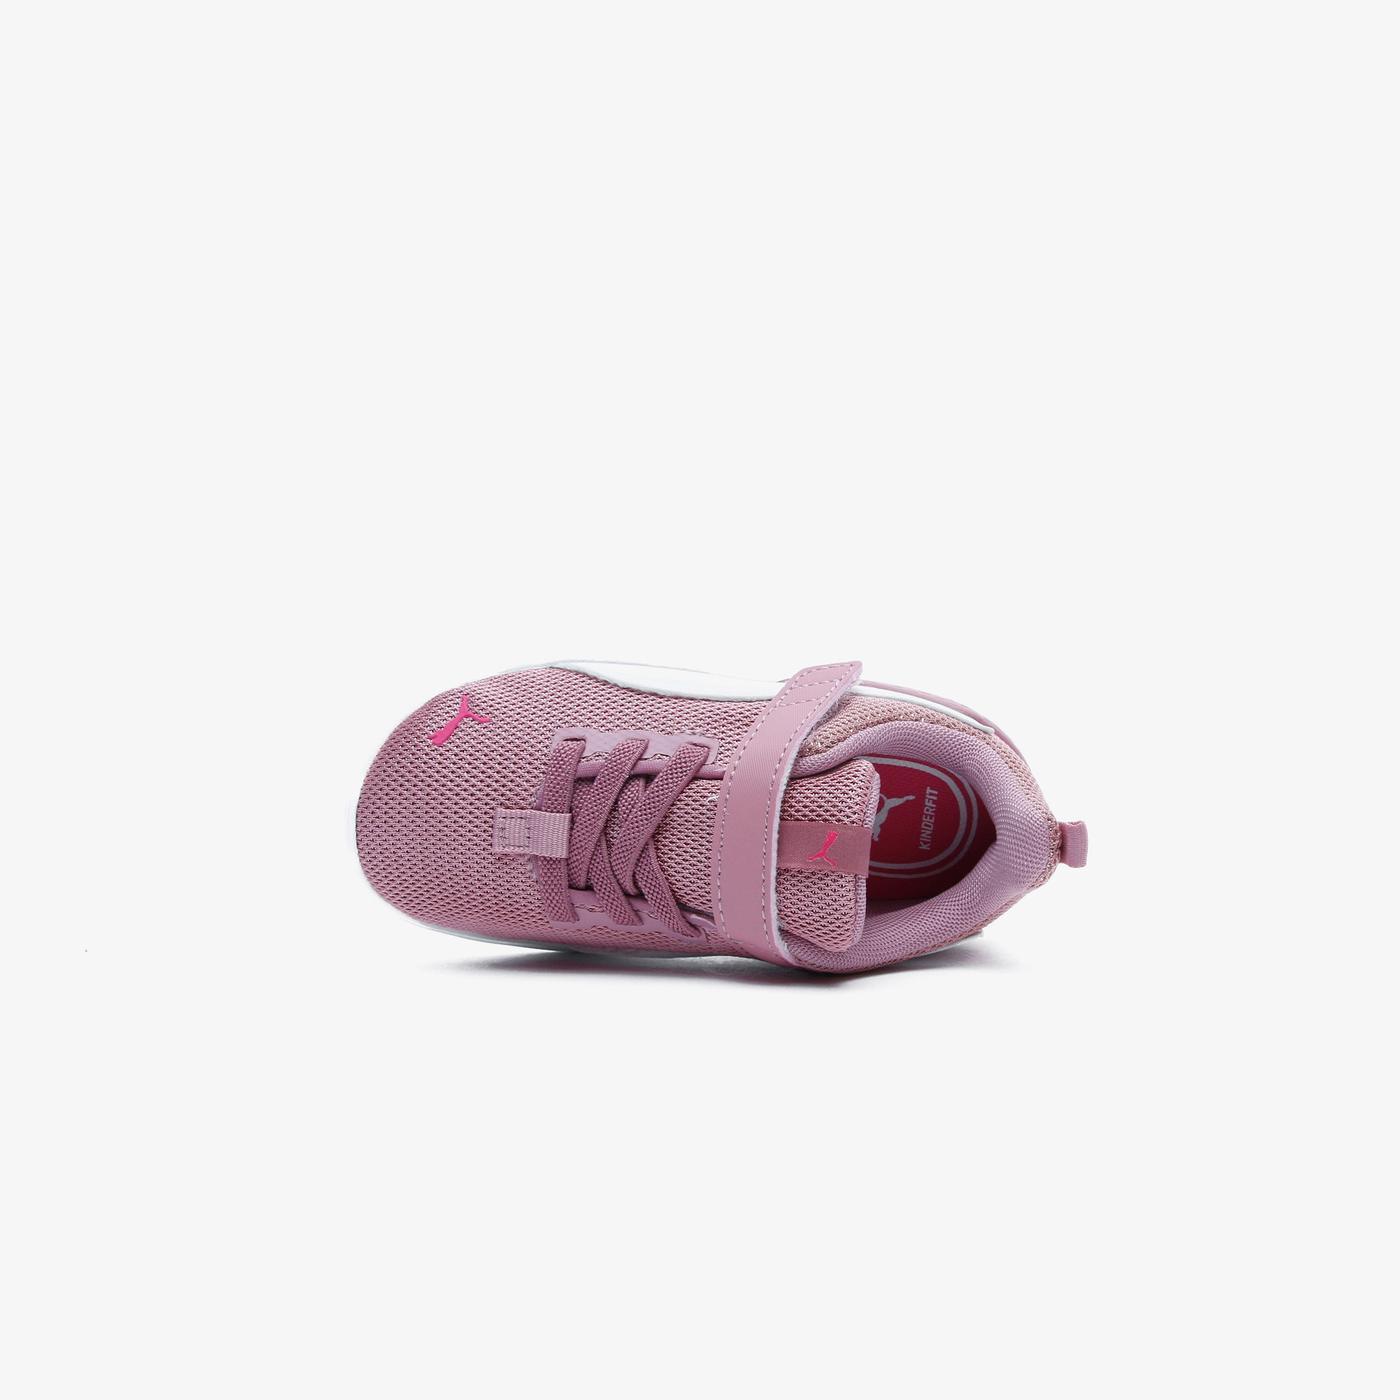 Puma Anzarun Lite Metallic AC Bebek Pembe Spor Ayakkabı